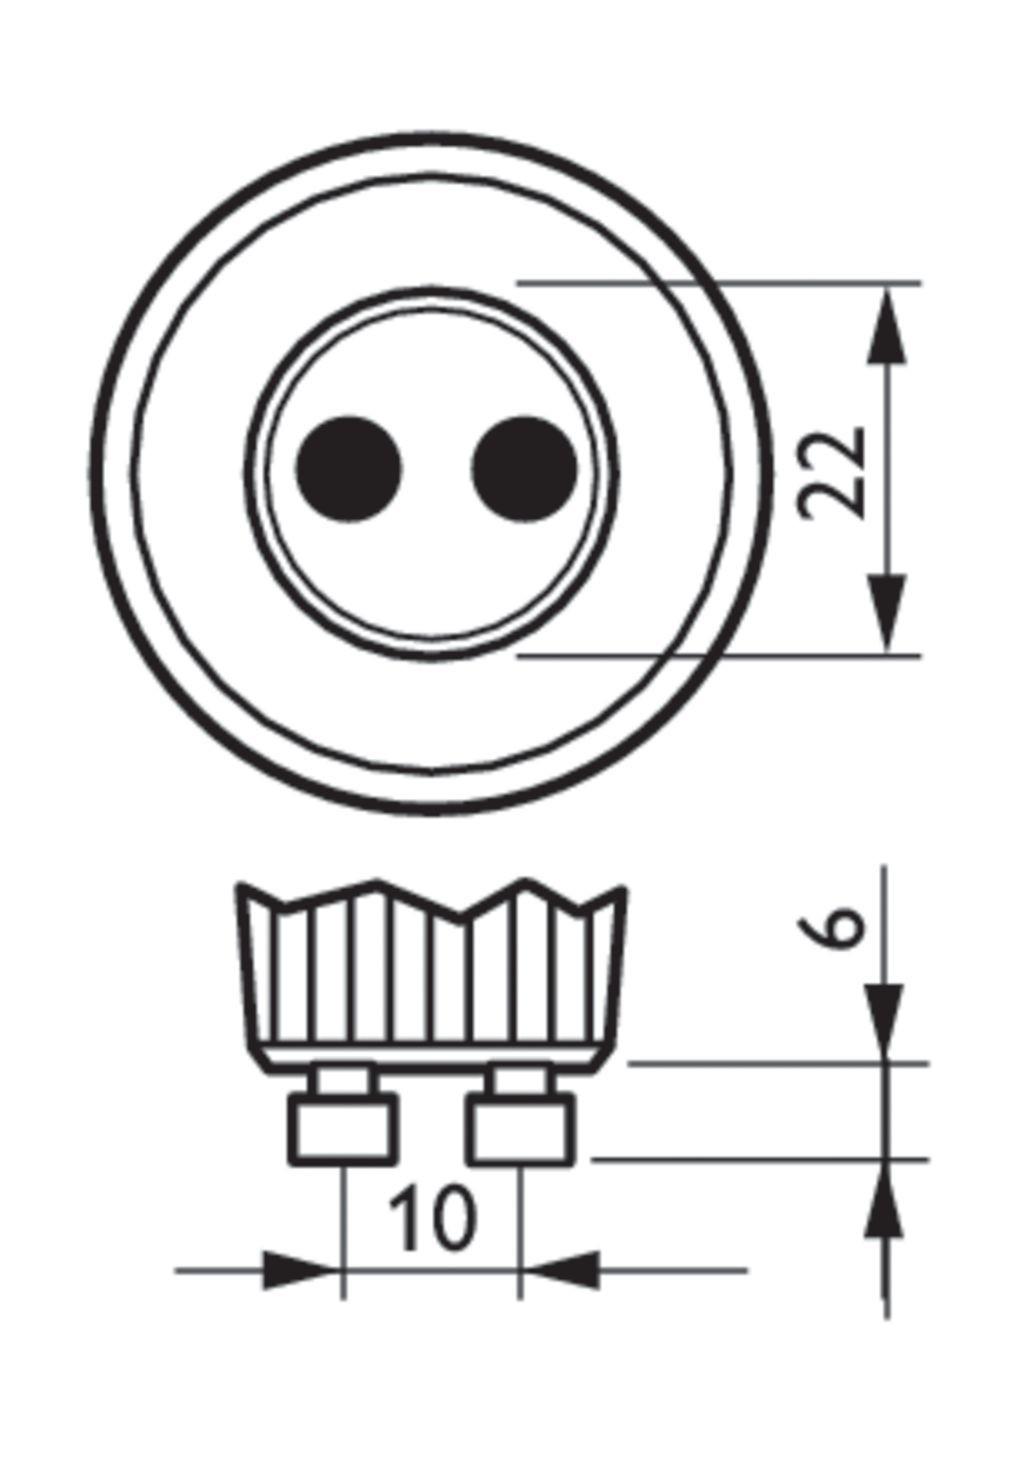 variateur deux touches unicolore, radiofréquence, 2 zones de contrôle